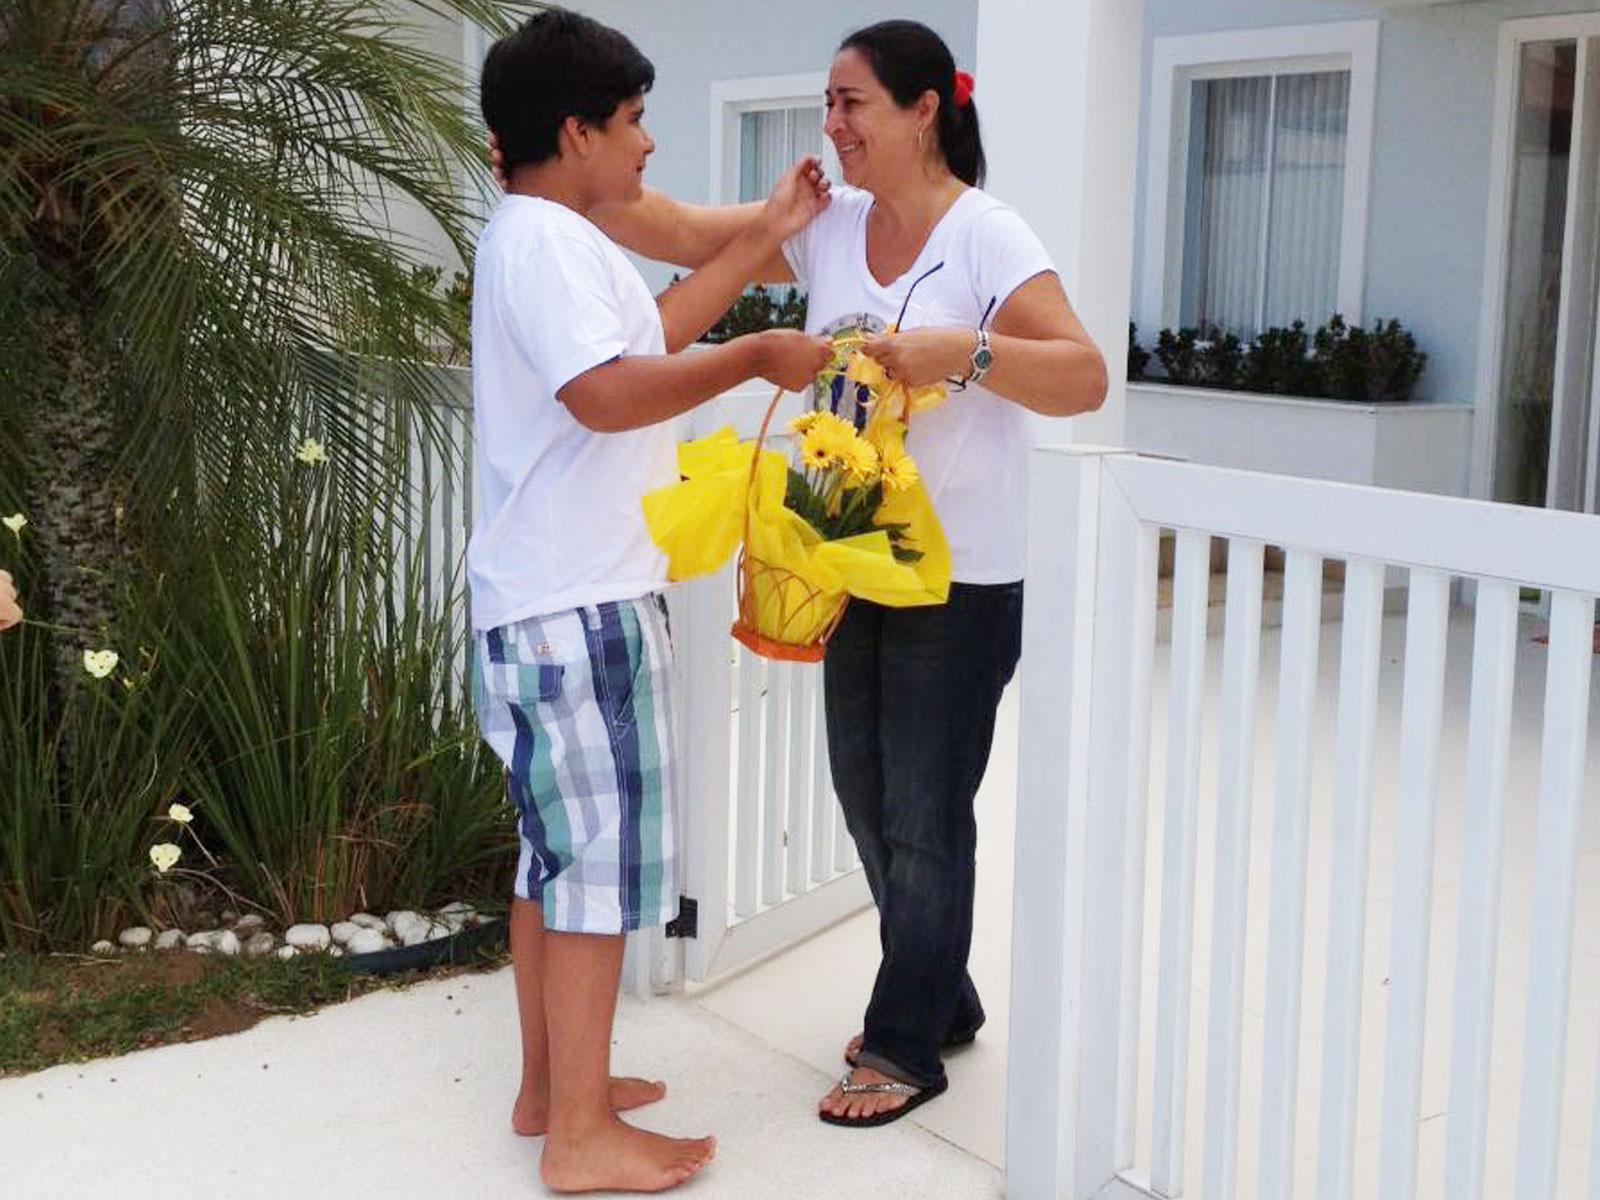 10 - Tenho um filho autista. O que devo fazer e como agir